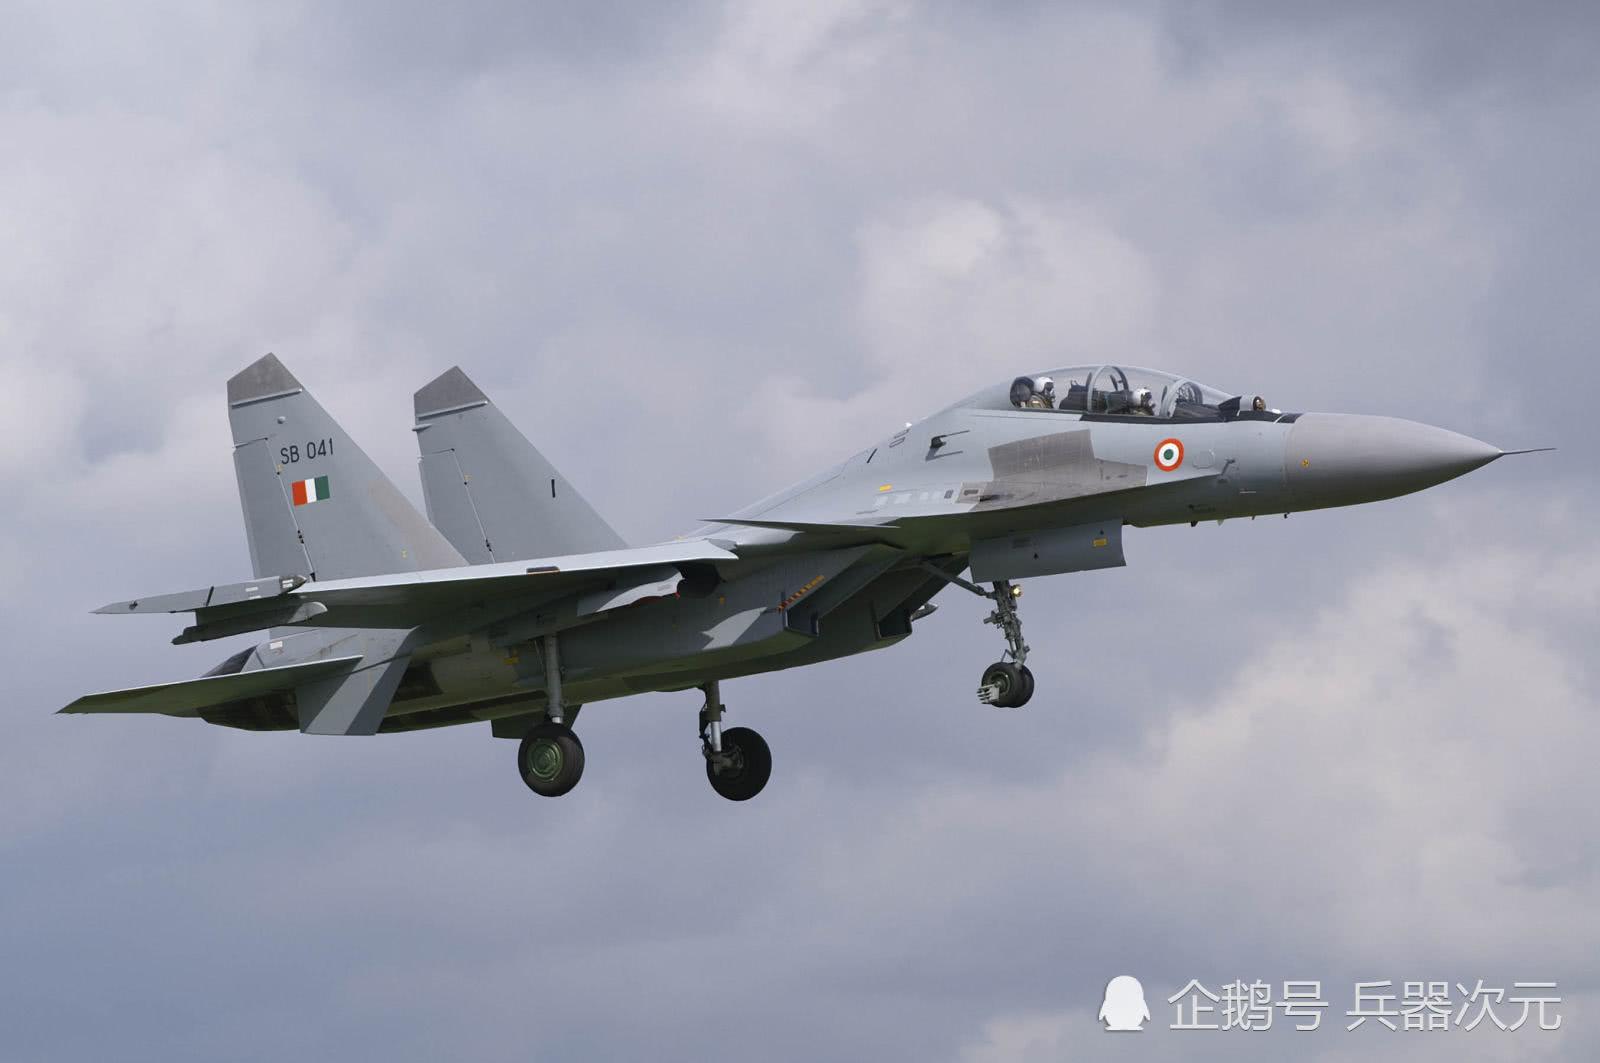 目标超越歼16!印度全面升级苏30战机,打击能比歼20还强